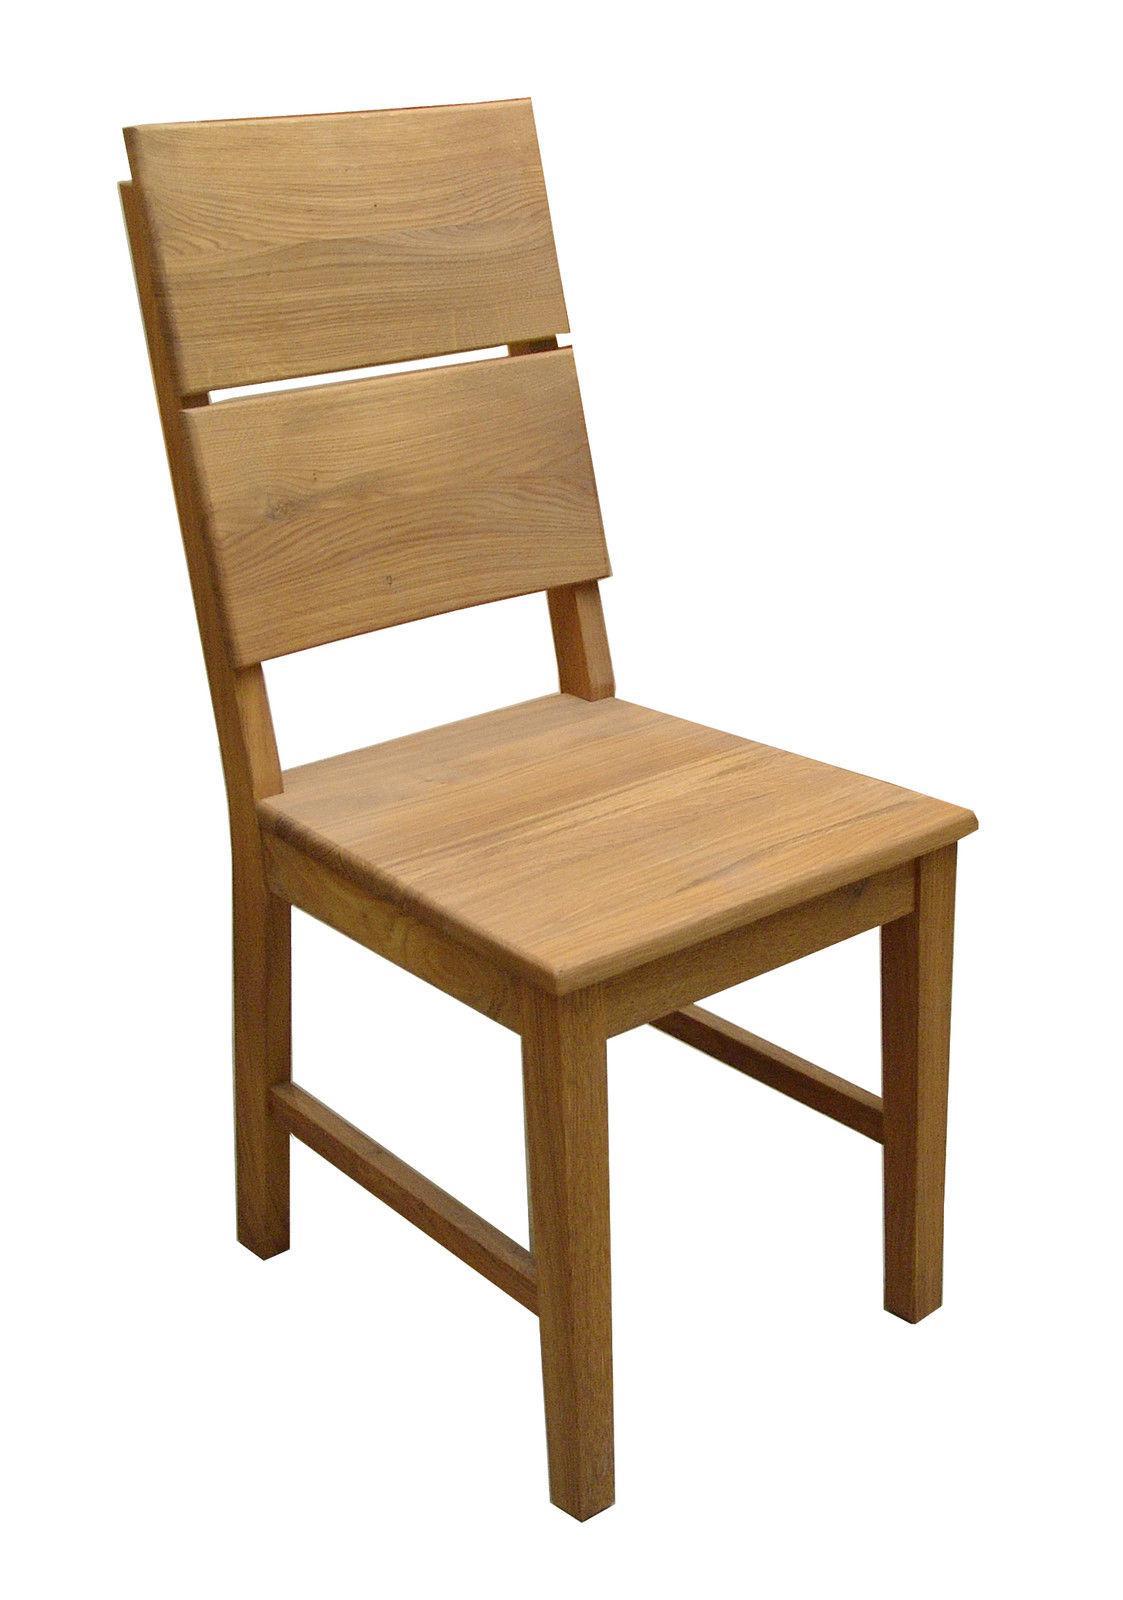 esszimmerst hle stuhle 2er set massivholz eiche ge lt. Black Bedroom Furniture Sets. Home Design Ideas